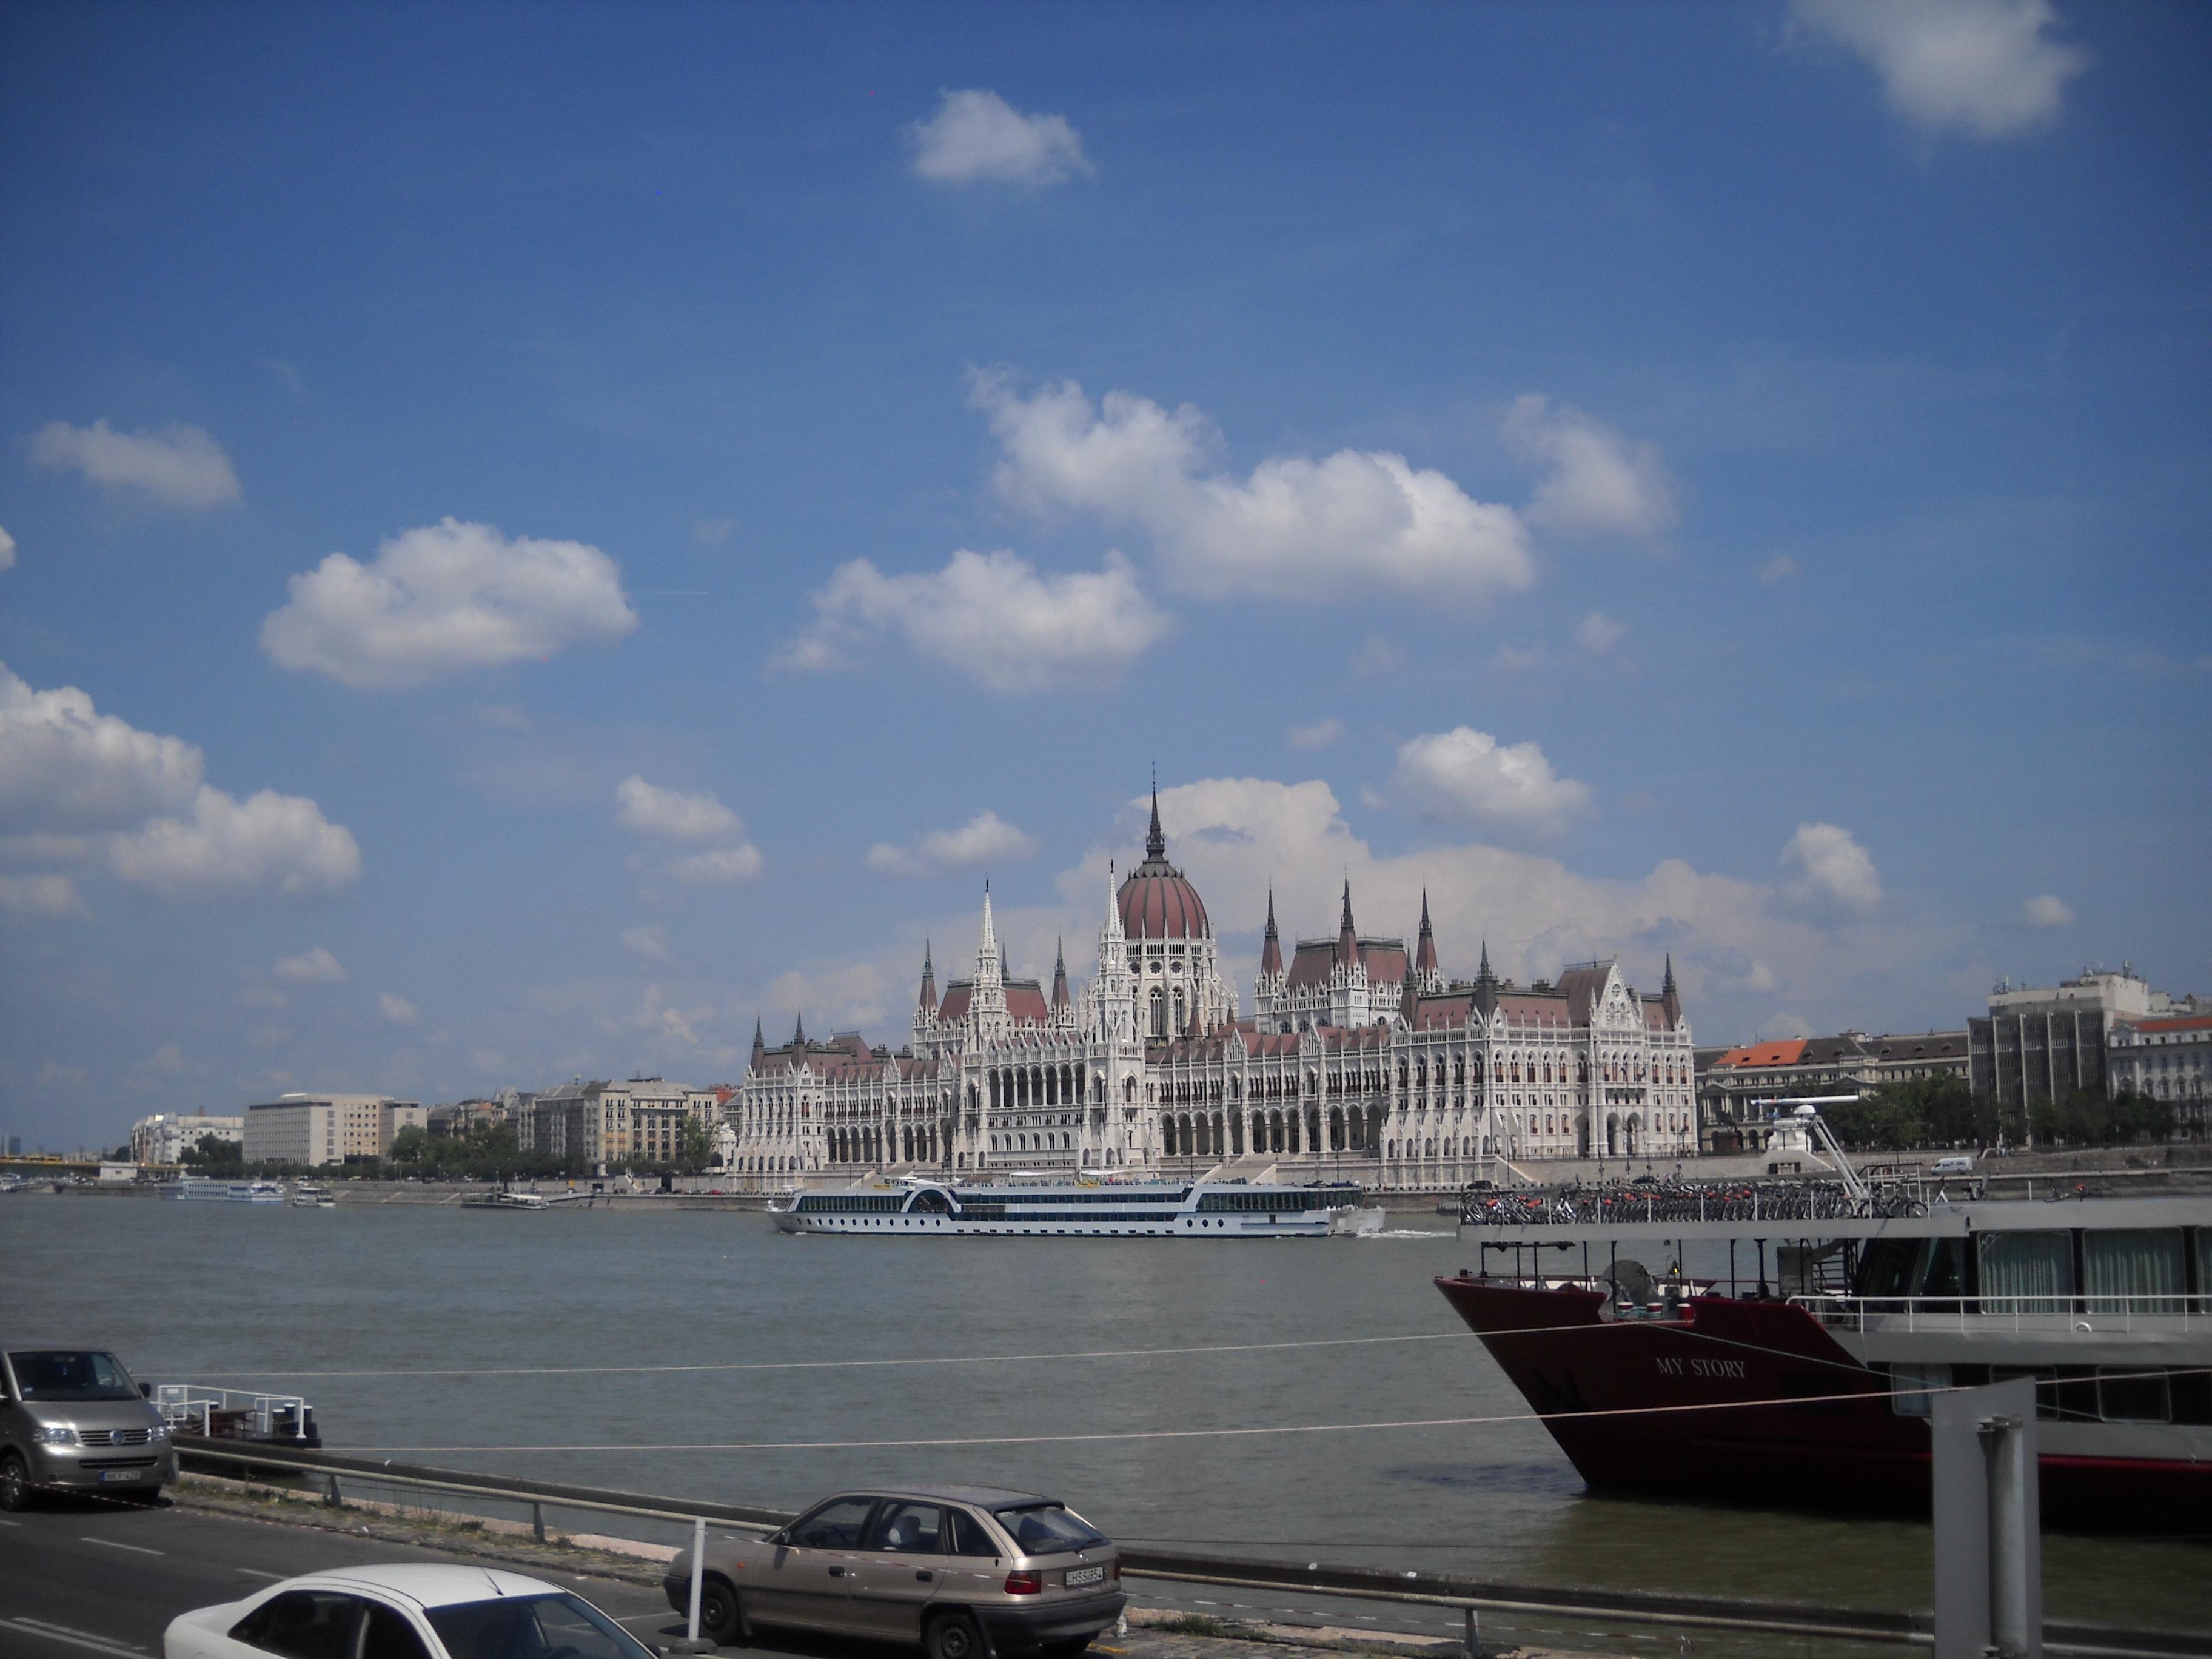 Ungārijas parlamenta ēka